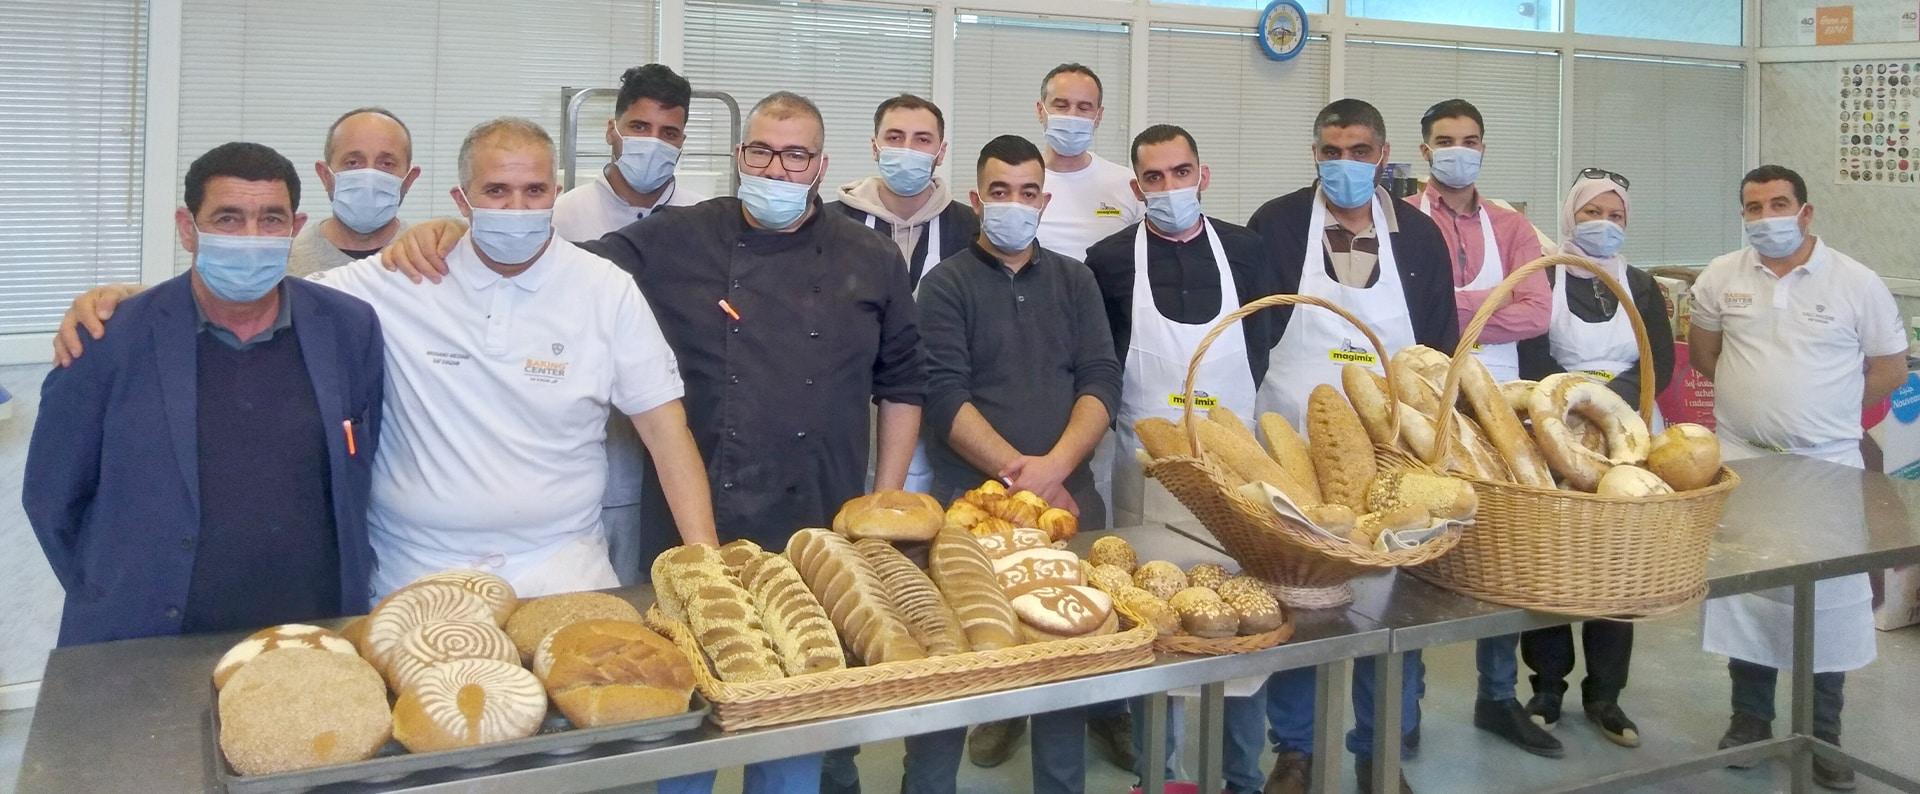 Ramadan boulanger